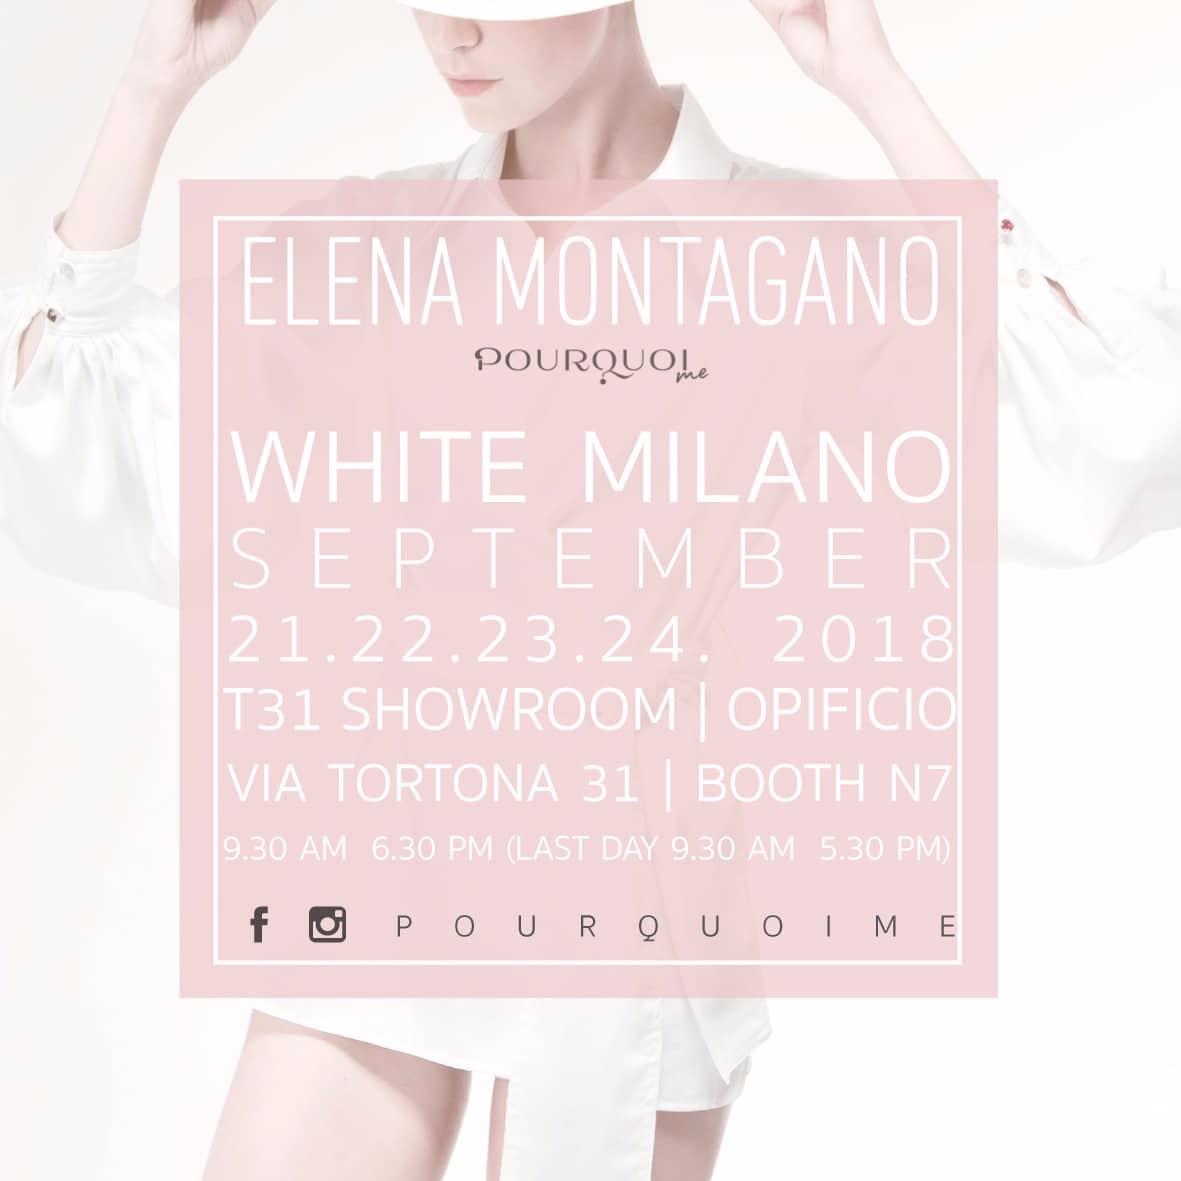 White Milano 2018-1